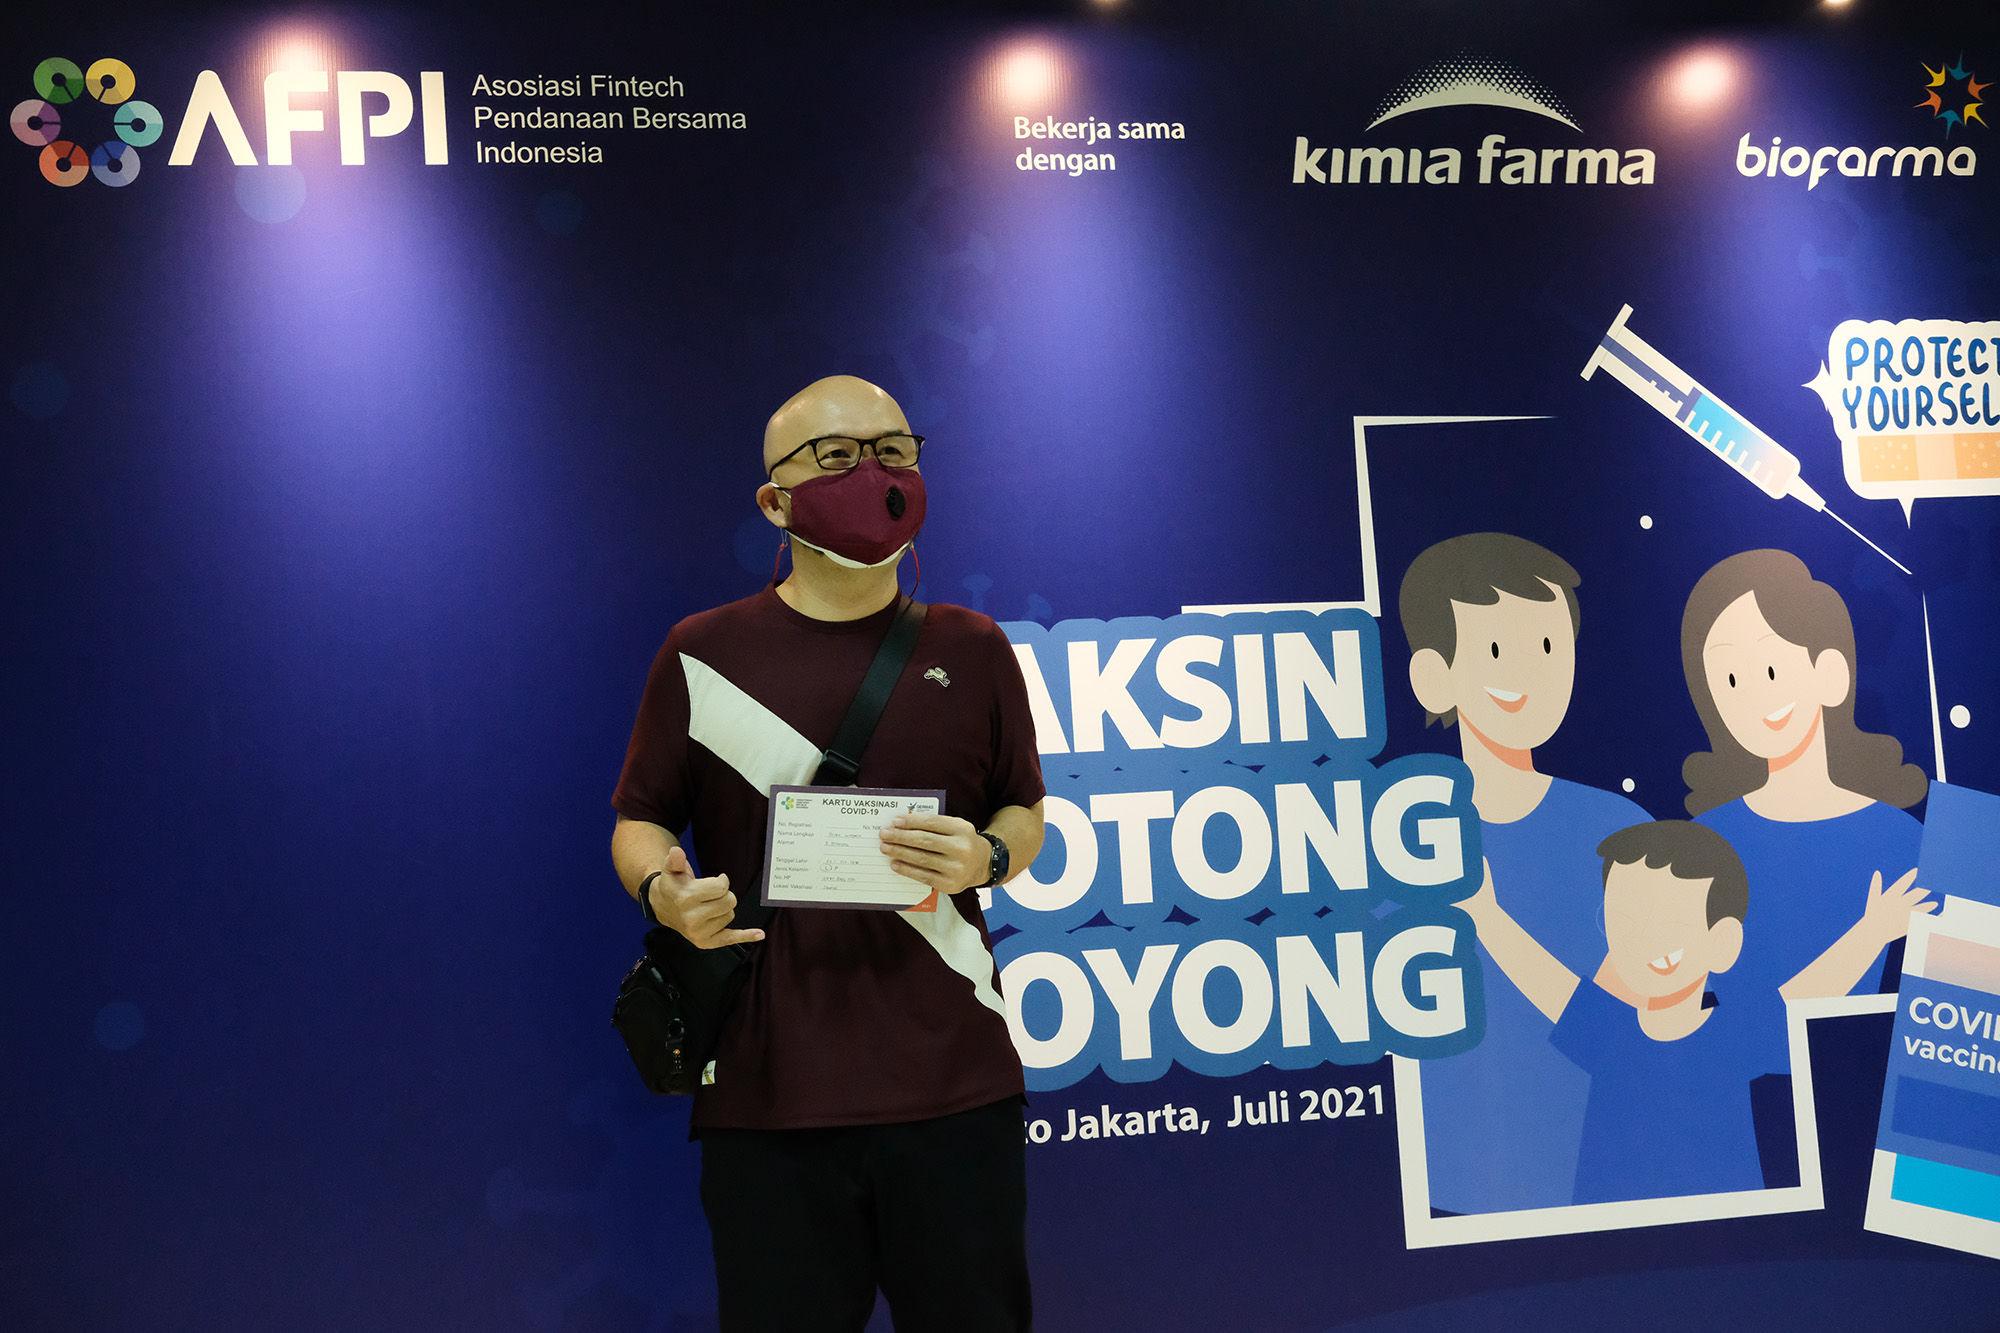 Debt Collector Pinjol Masih Meresahkan, AFPI Tingkatkan Standar Penagihan